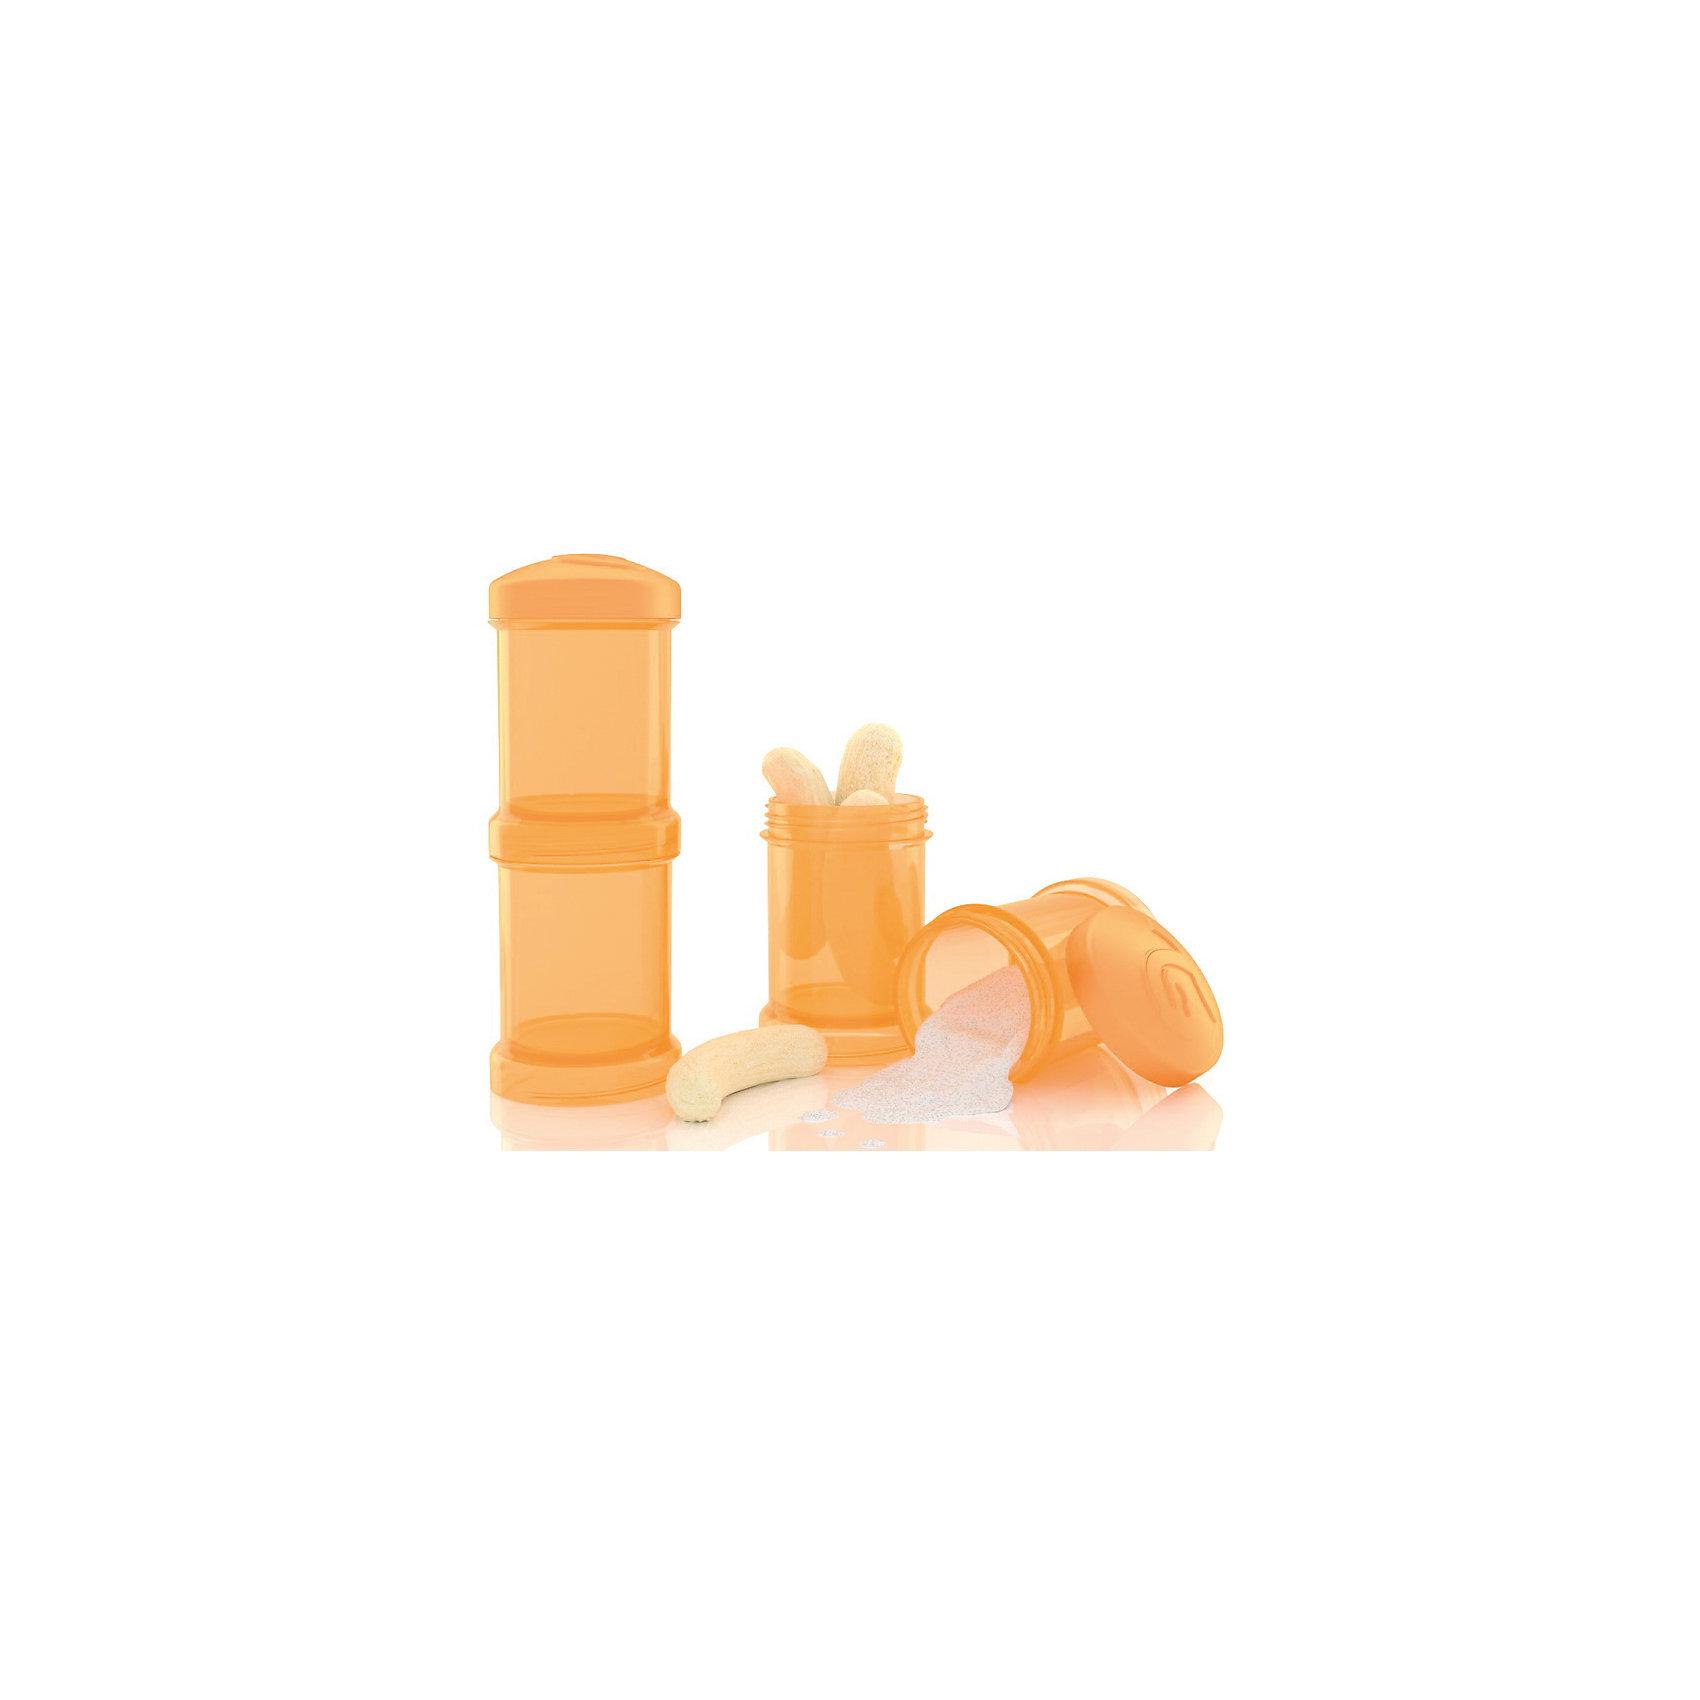 Контейнер для сухой смеси 100 мл. 2 шт., TwistShake, оранжевыйПосуда для малышей<br>Контейнер для сухой смеси 100 мл. 2 шт., оранжевый от шведского бренда Twistshake (Твистшейк), придет по вкусу малышам и современным родителям. Эти контейнеры прекрасно подходят для хранения детской смеси и оптимальны в использовании, их горлышко меньше горлышка любых бутылочек Twistshake (Твистшейк), потому позволяют пересыпать смесь без просыпания. Контейнеры также подходят для хранения каш, фруктов, сухофруктов, печенья или других необходимых на прогулке или в дороге продуктов. Материал контейнеров не содержит бисфенол А. Удобная форма горлышка обеспечивает доступ к полной промывки контейнера, можно стерилизовать как холодным, так и горячим методами. <br><br>Дополнительная информация:<br><br>- В комплект входит: два контейнера по 100 мл. <br>- Состав: 100% пропиллен<br><br>Контейнер для сухой смеси 100 мл. 2 шт., TwistShake, оранжевый можно купить в нашем интернет-магазине.<br>Подробнее:<br>• Для детей в возрасте: от 0 лет <br>• Номер товара: 4976058<br>Страна производитель: Китай<br><br>Ширина мм: 55<br>Глубина мм: 55<br>Высота мм: 150<br>Вес г: 75<br>Возраст от месяцев: 0<br>Возраст до месяцев: 36<br>Пол: Унисекс<br>Возраст: Детский<br>SKU: 4976058